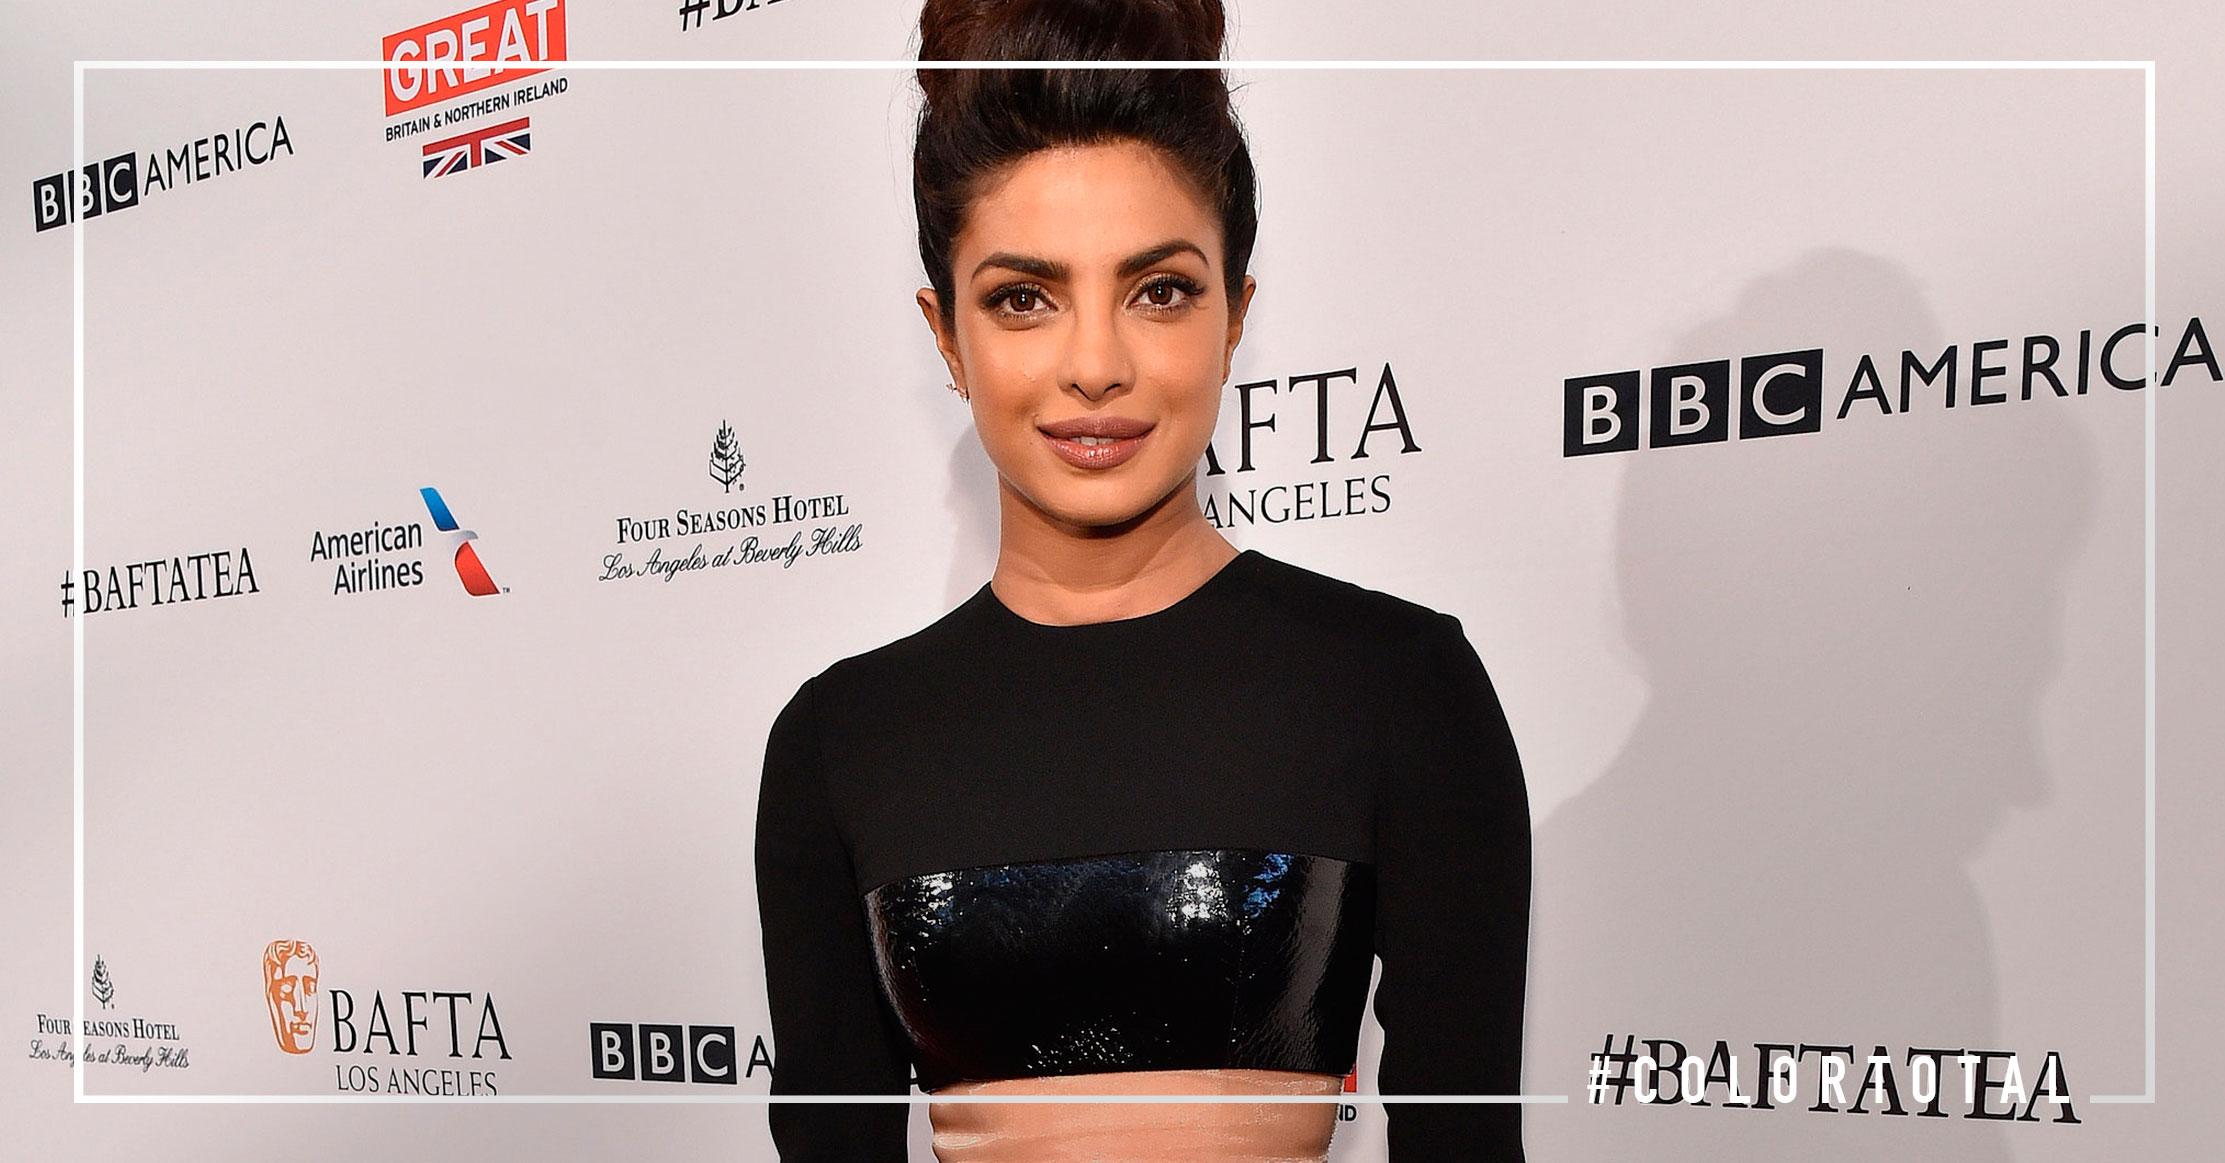 La estrella que cada vez brilla más : Priyanka Chopra peinado lazo